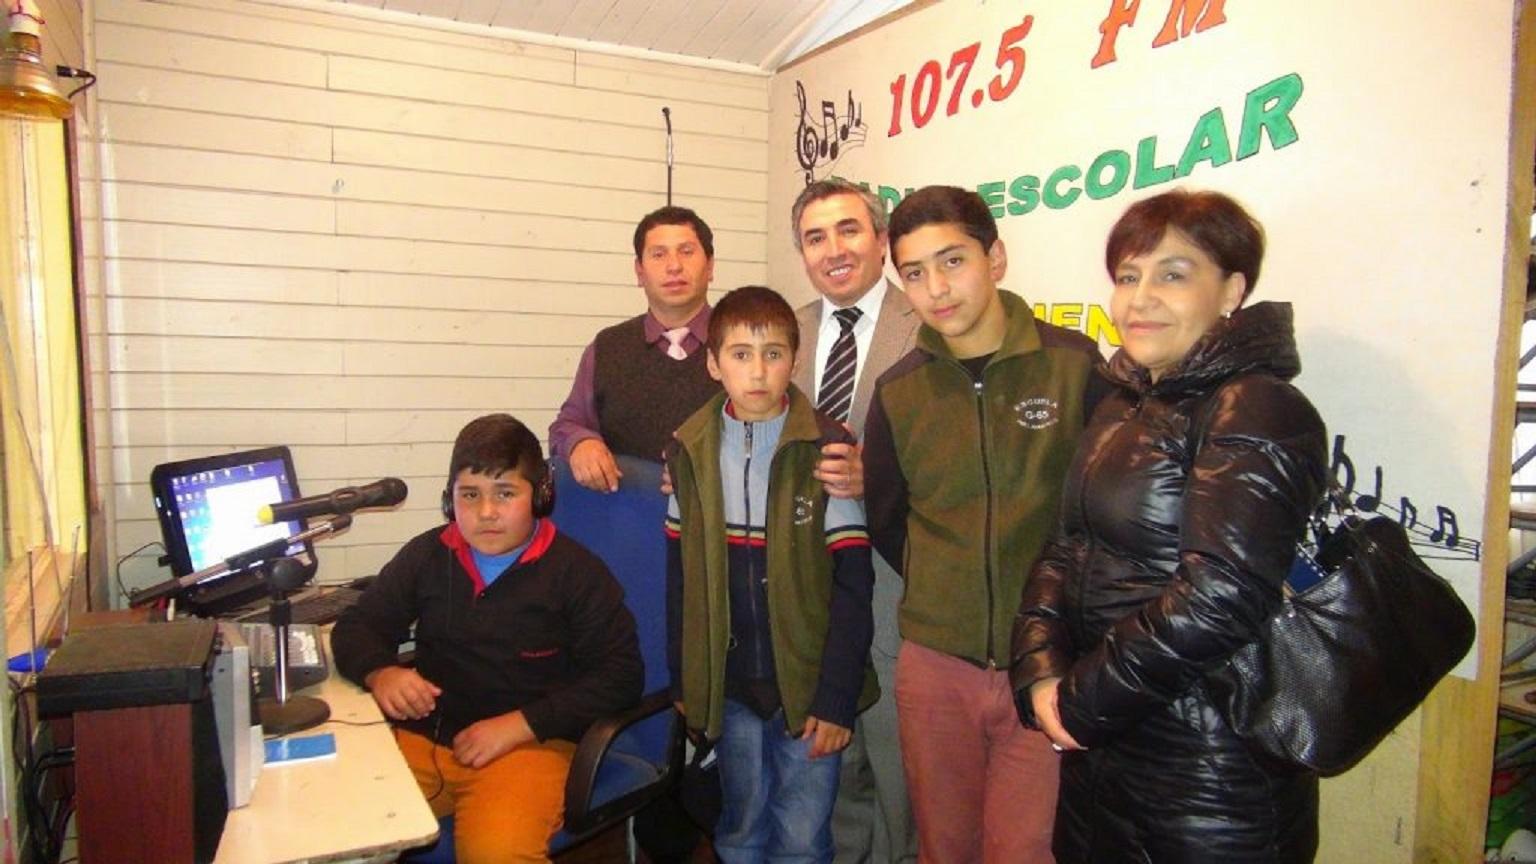 """FM 107.5 RADIO ESCOLAR  EN ESC. """"PELLAHUECO"""""""